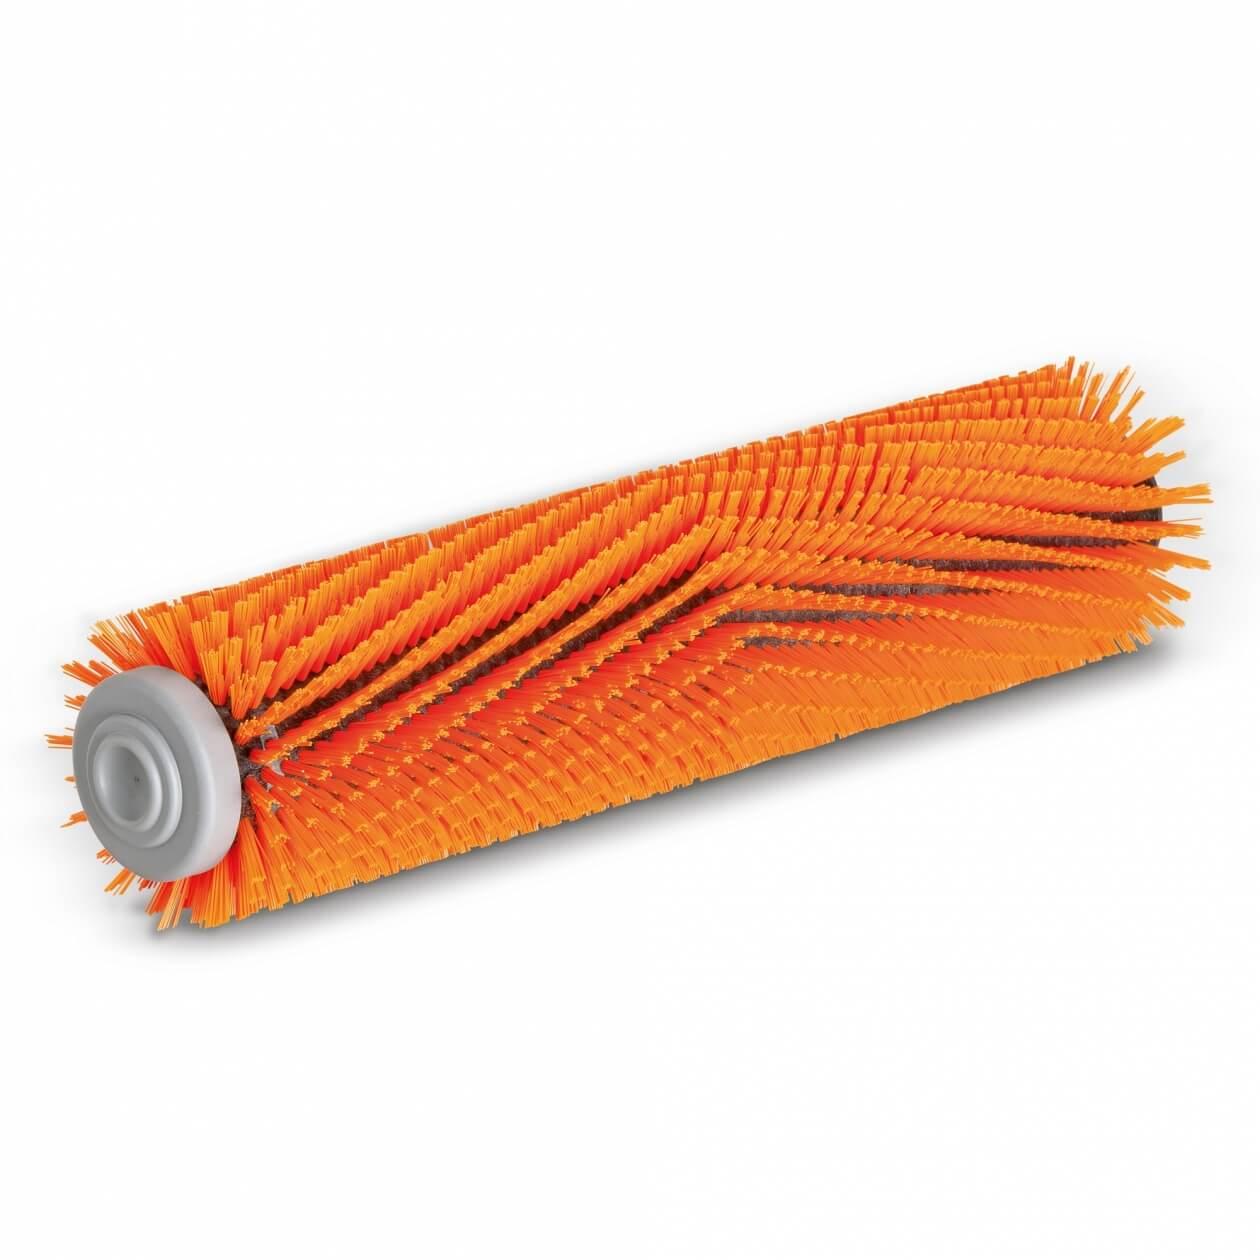 Billede af Kärcher, børstevalse, høj / lav, orange, 550 mm